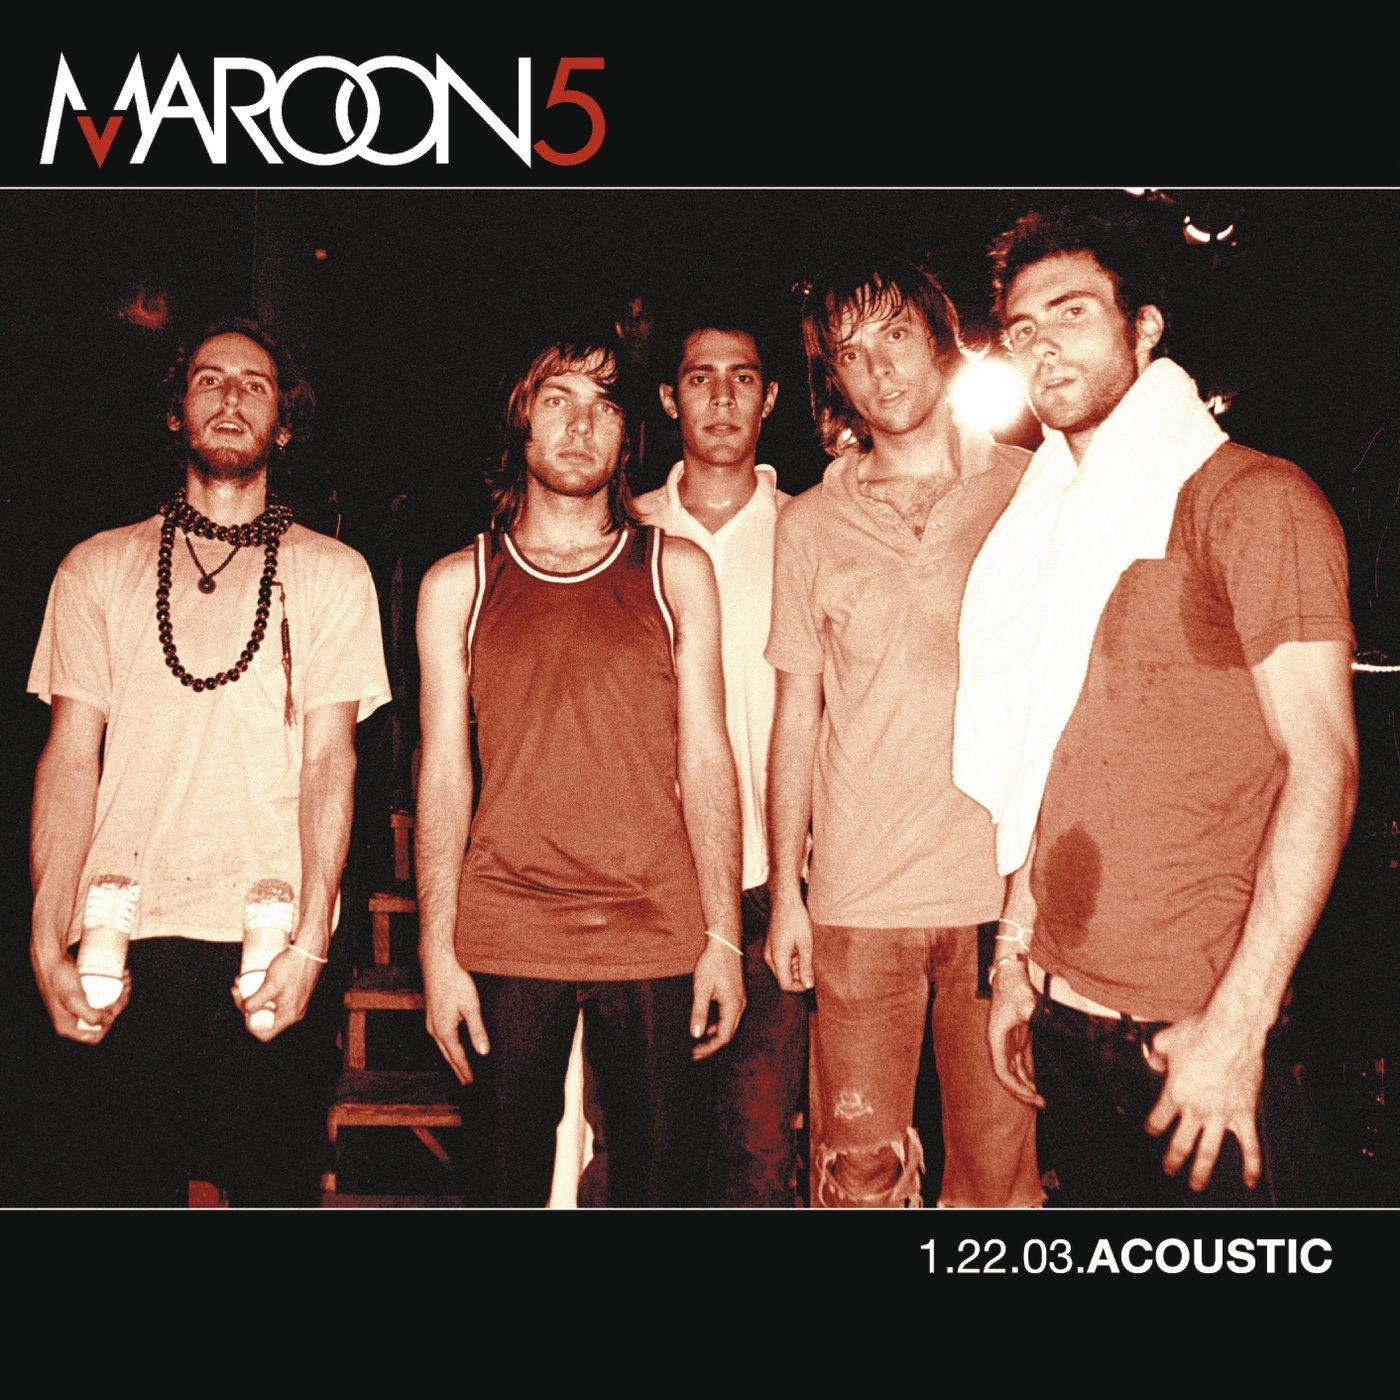 BAIXAR ACOUSTIC CD 5 1.22.03 MAROON